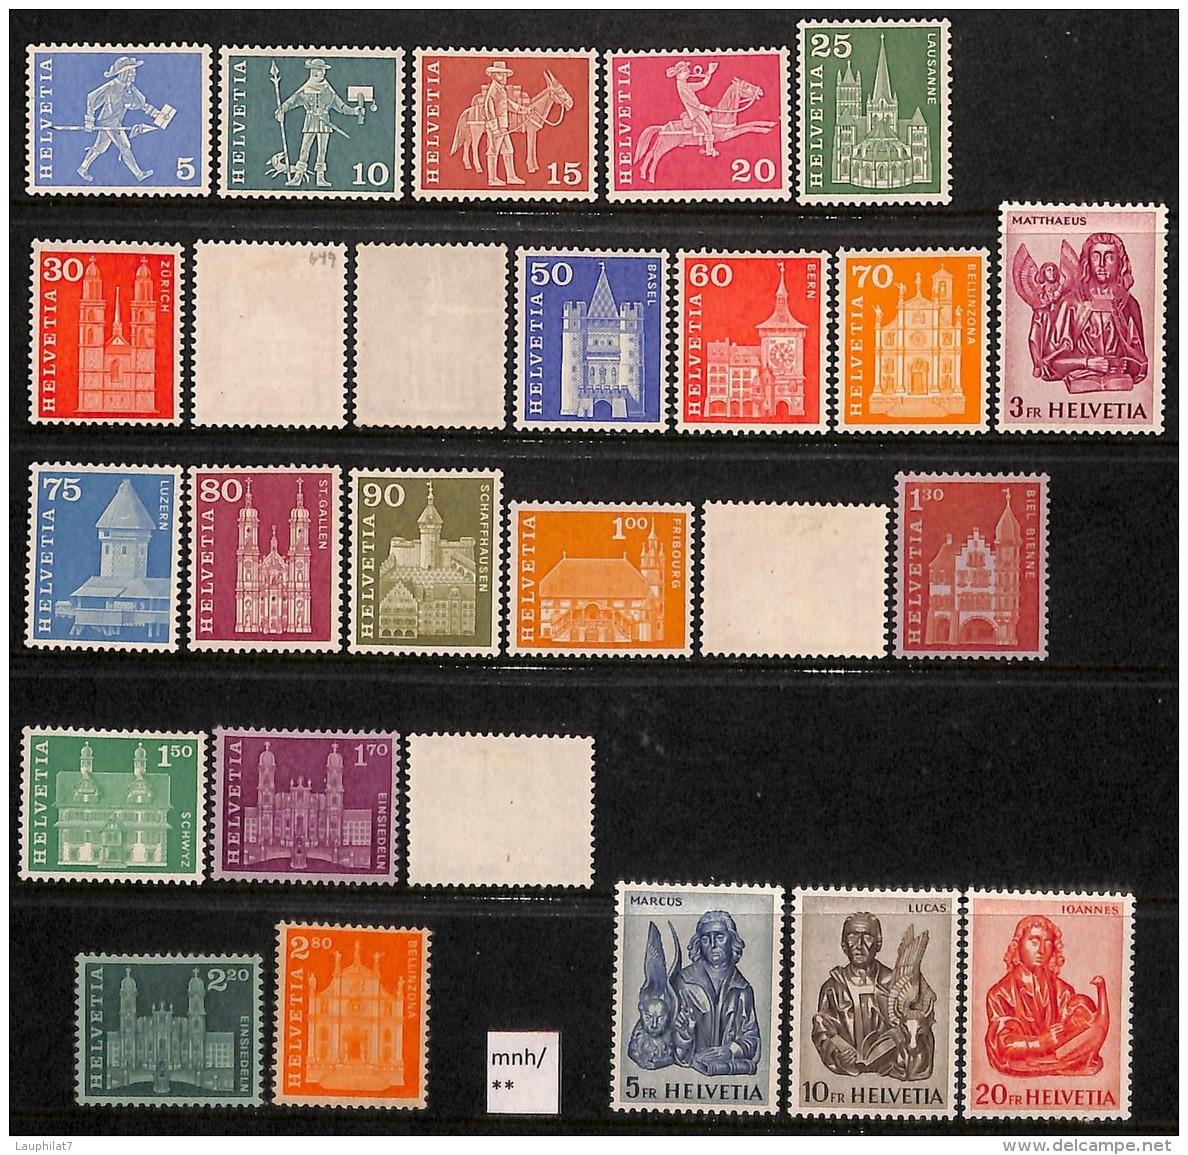 Suisse 1960 - N° 643/60F, Série Courante, SC **/mnh Sauf Les Timbres Retournés */mlh, Facteurs, Religions, Saints, Monum - Suisse